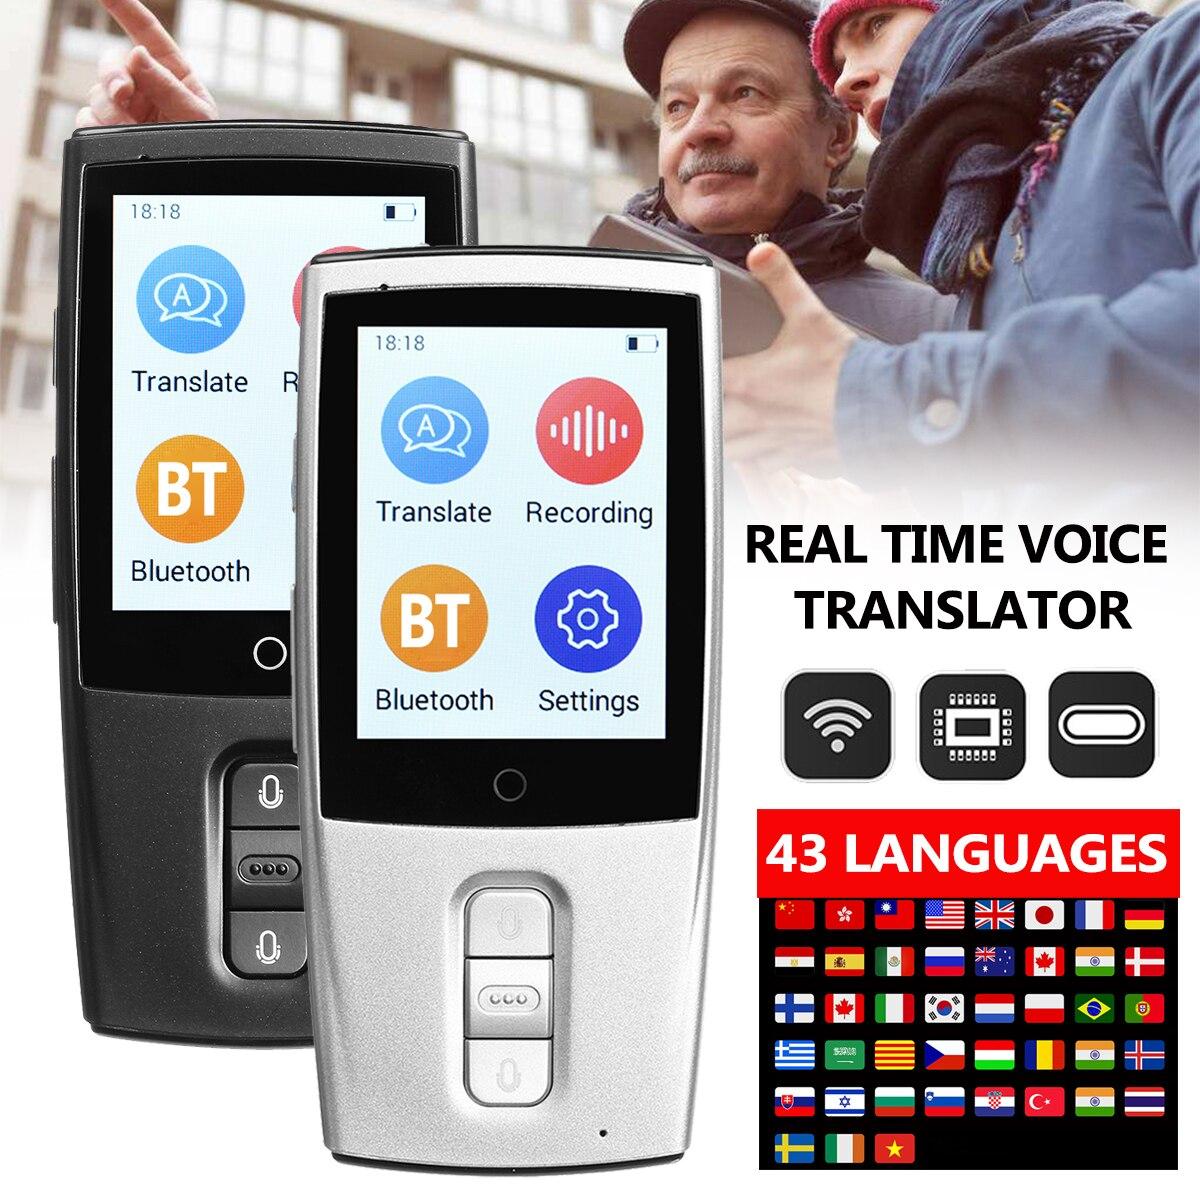 Portable Smart Traductor de voz de dos vías en tiempo Real WiFi 43 idiomas instantánea Traductor traducción para aprendizaje reunión Business